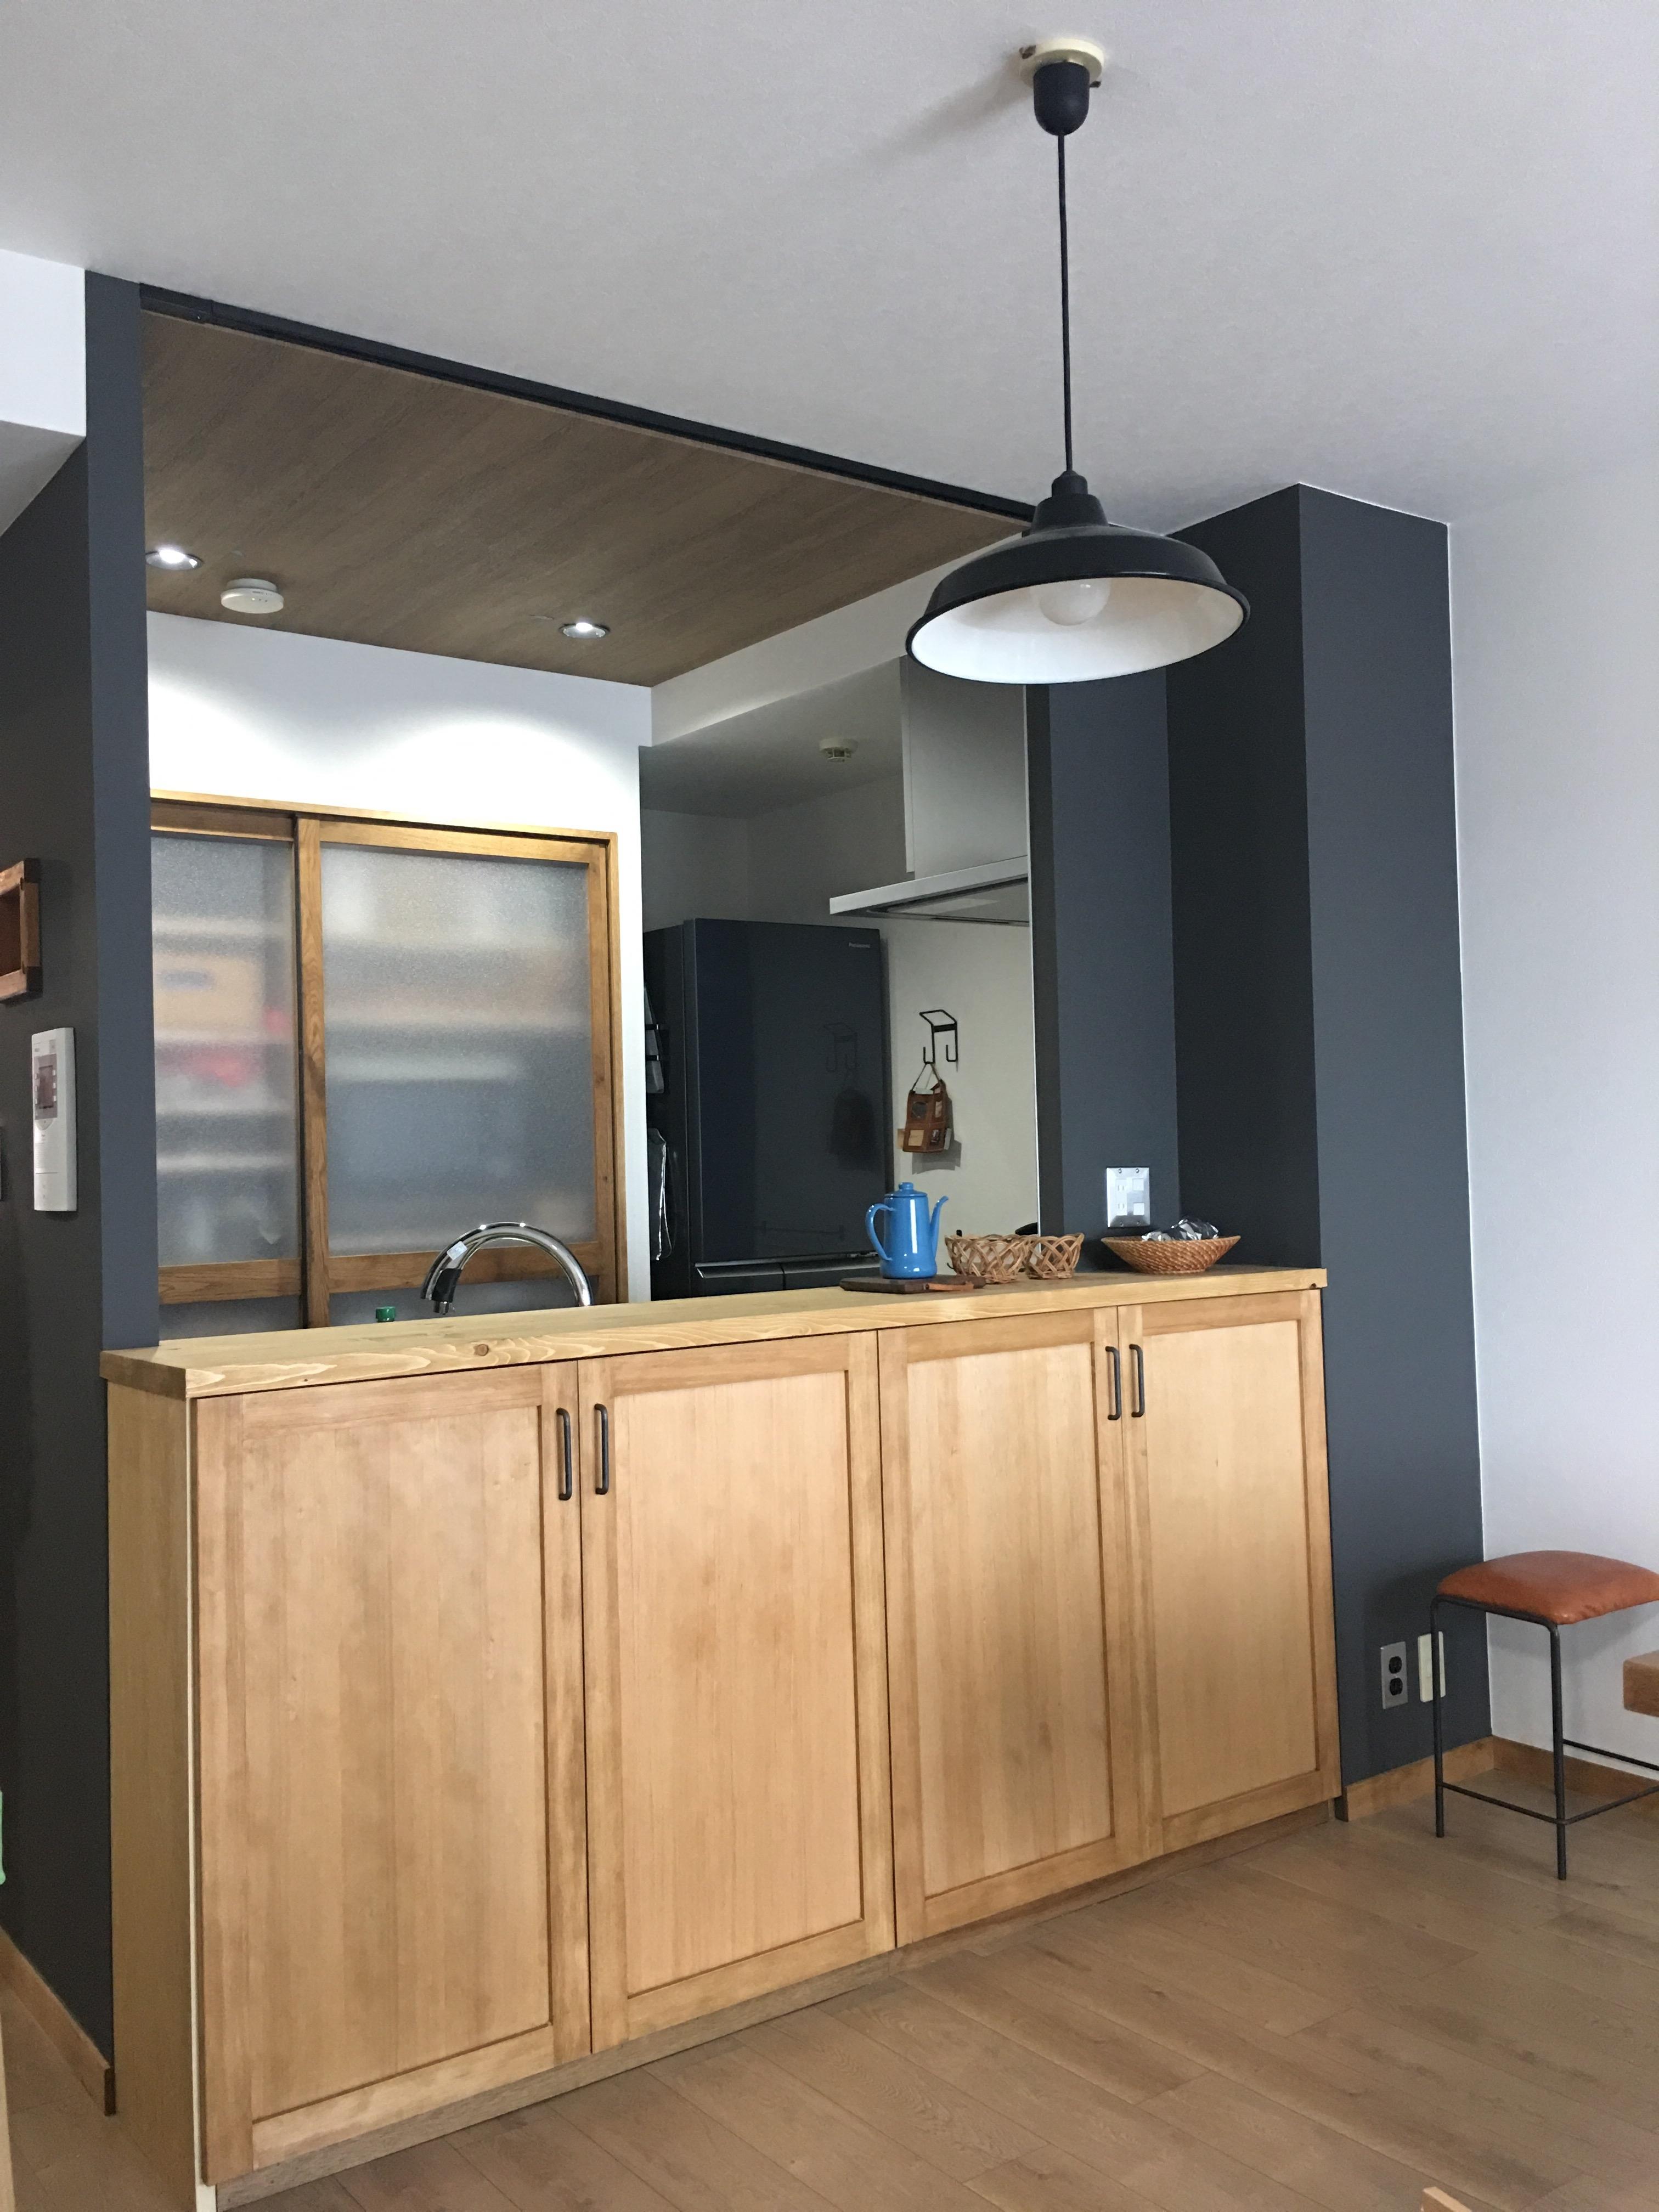 キッチン室造作カウンター収納